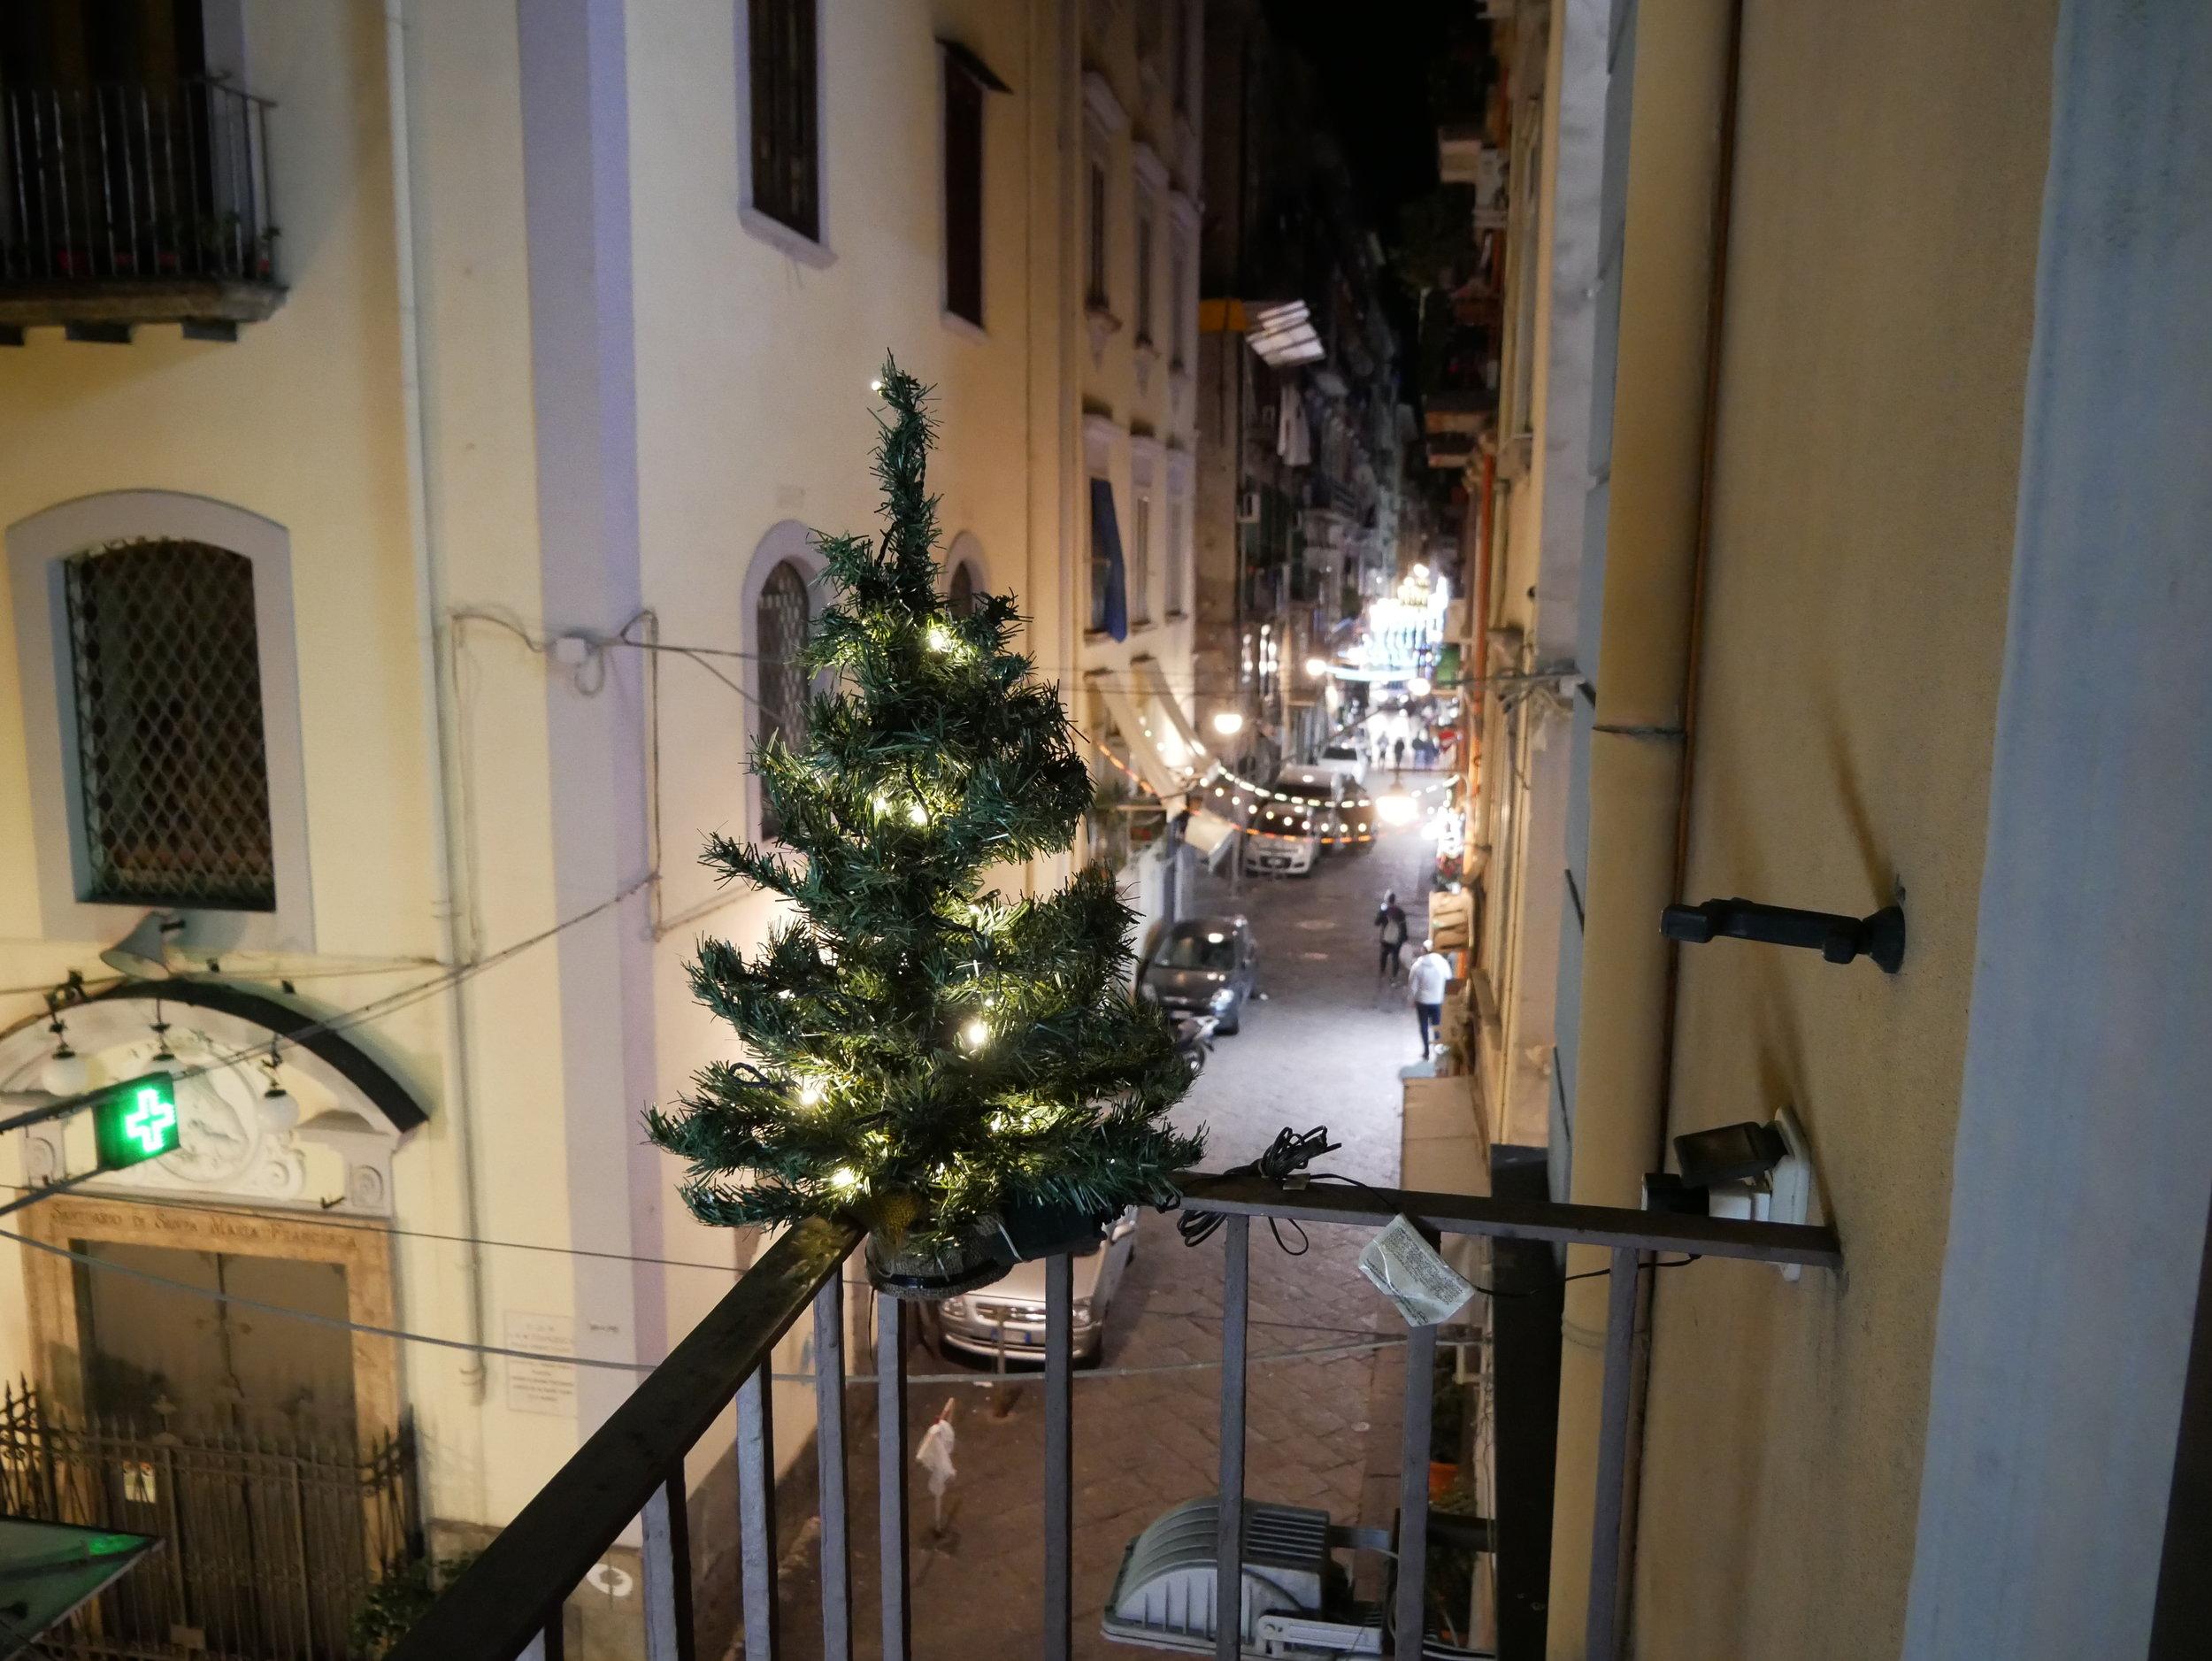 Il Convento Hotel Naples Balcony Christmas Tree.jpg